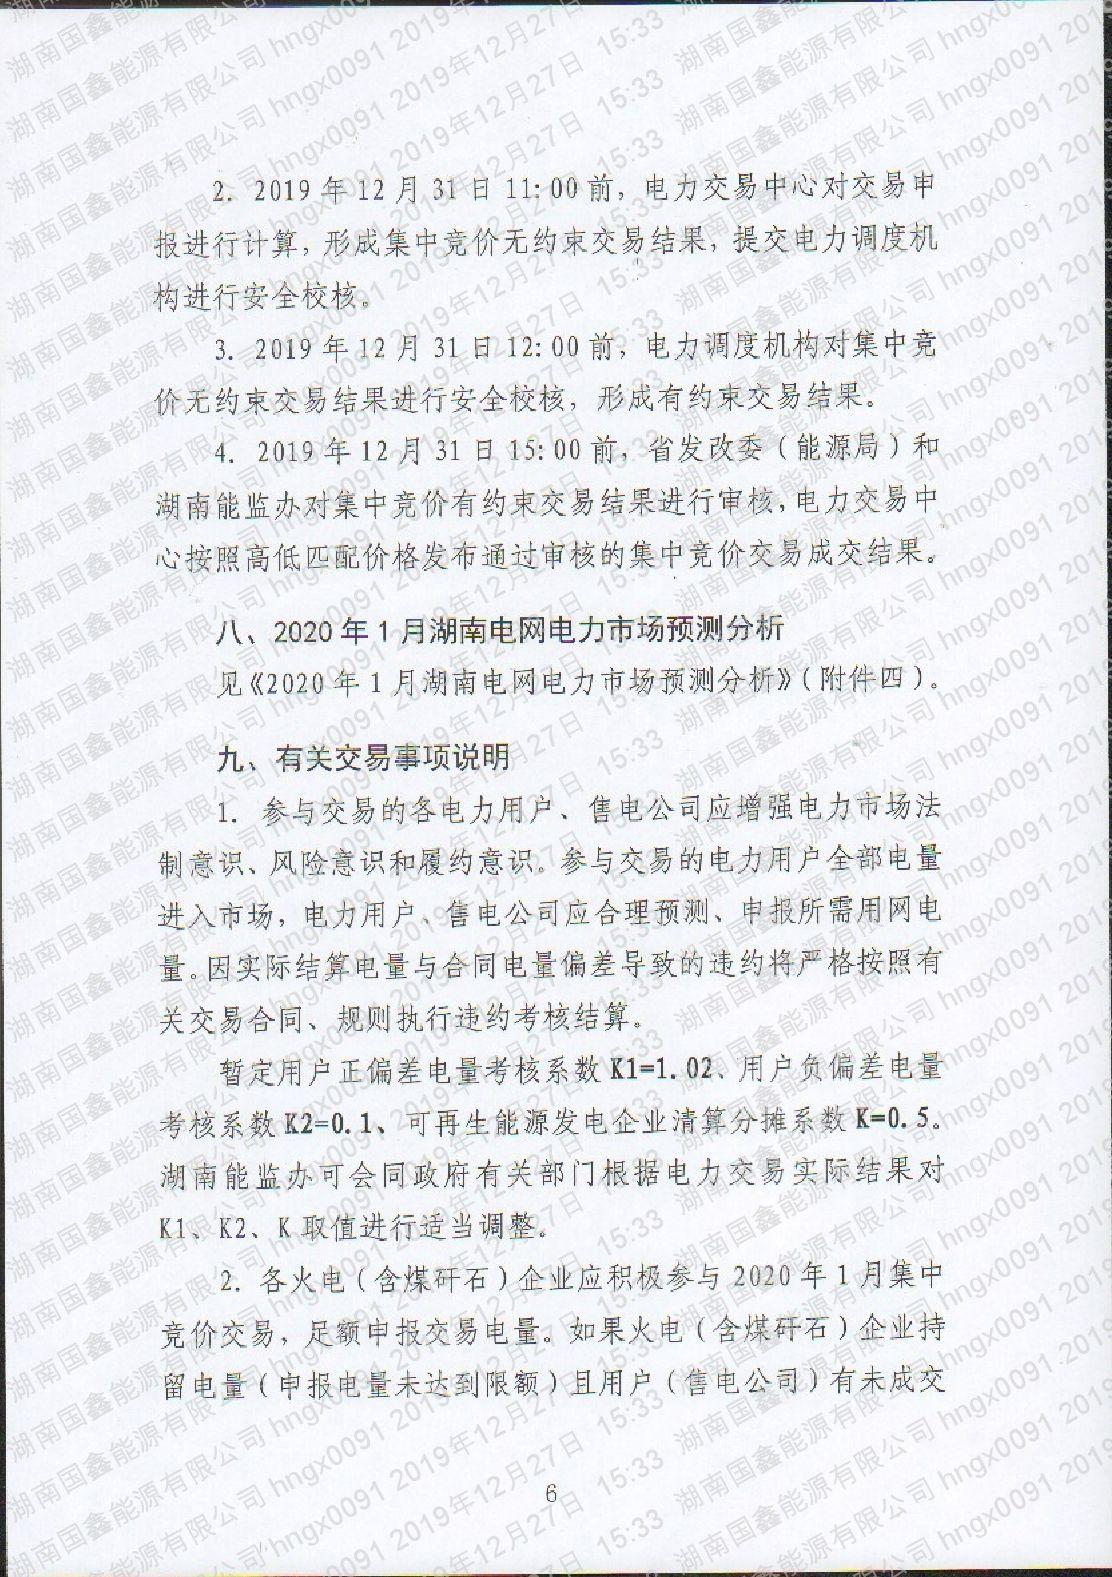 2020年第2號交易公告(1月月度交易).pdf_page_6_compressed.jpg